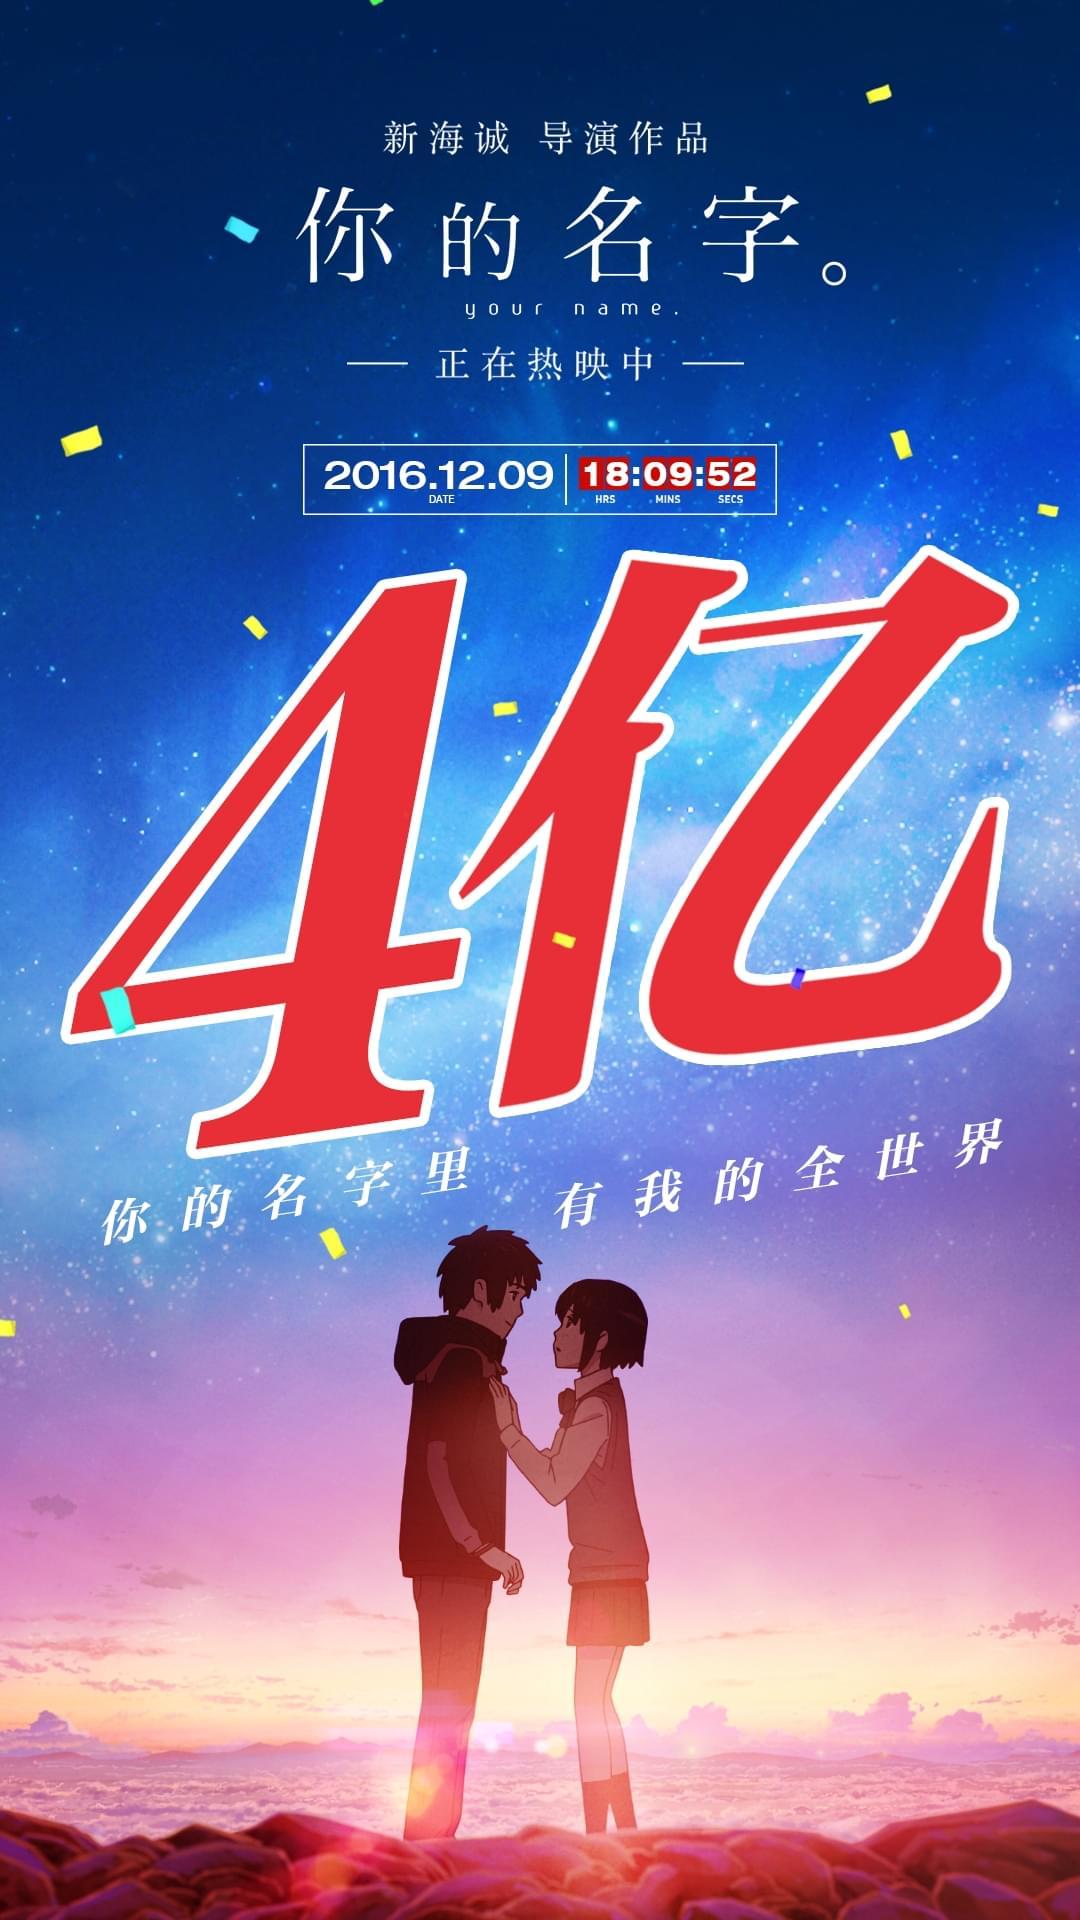 日本动画《你的名字》票房破4亿:同档期电影惨遭收割的照片 - 1